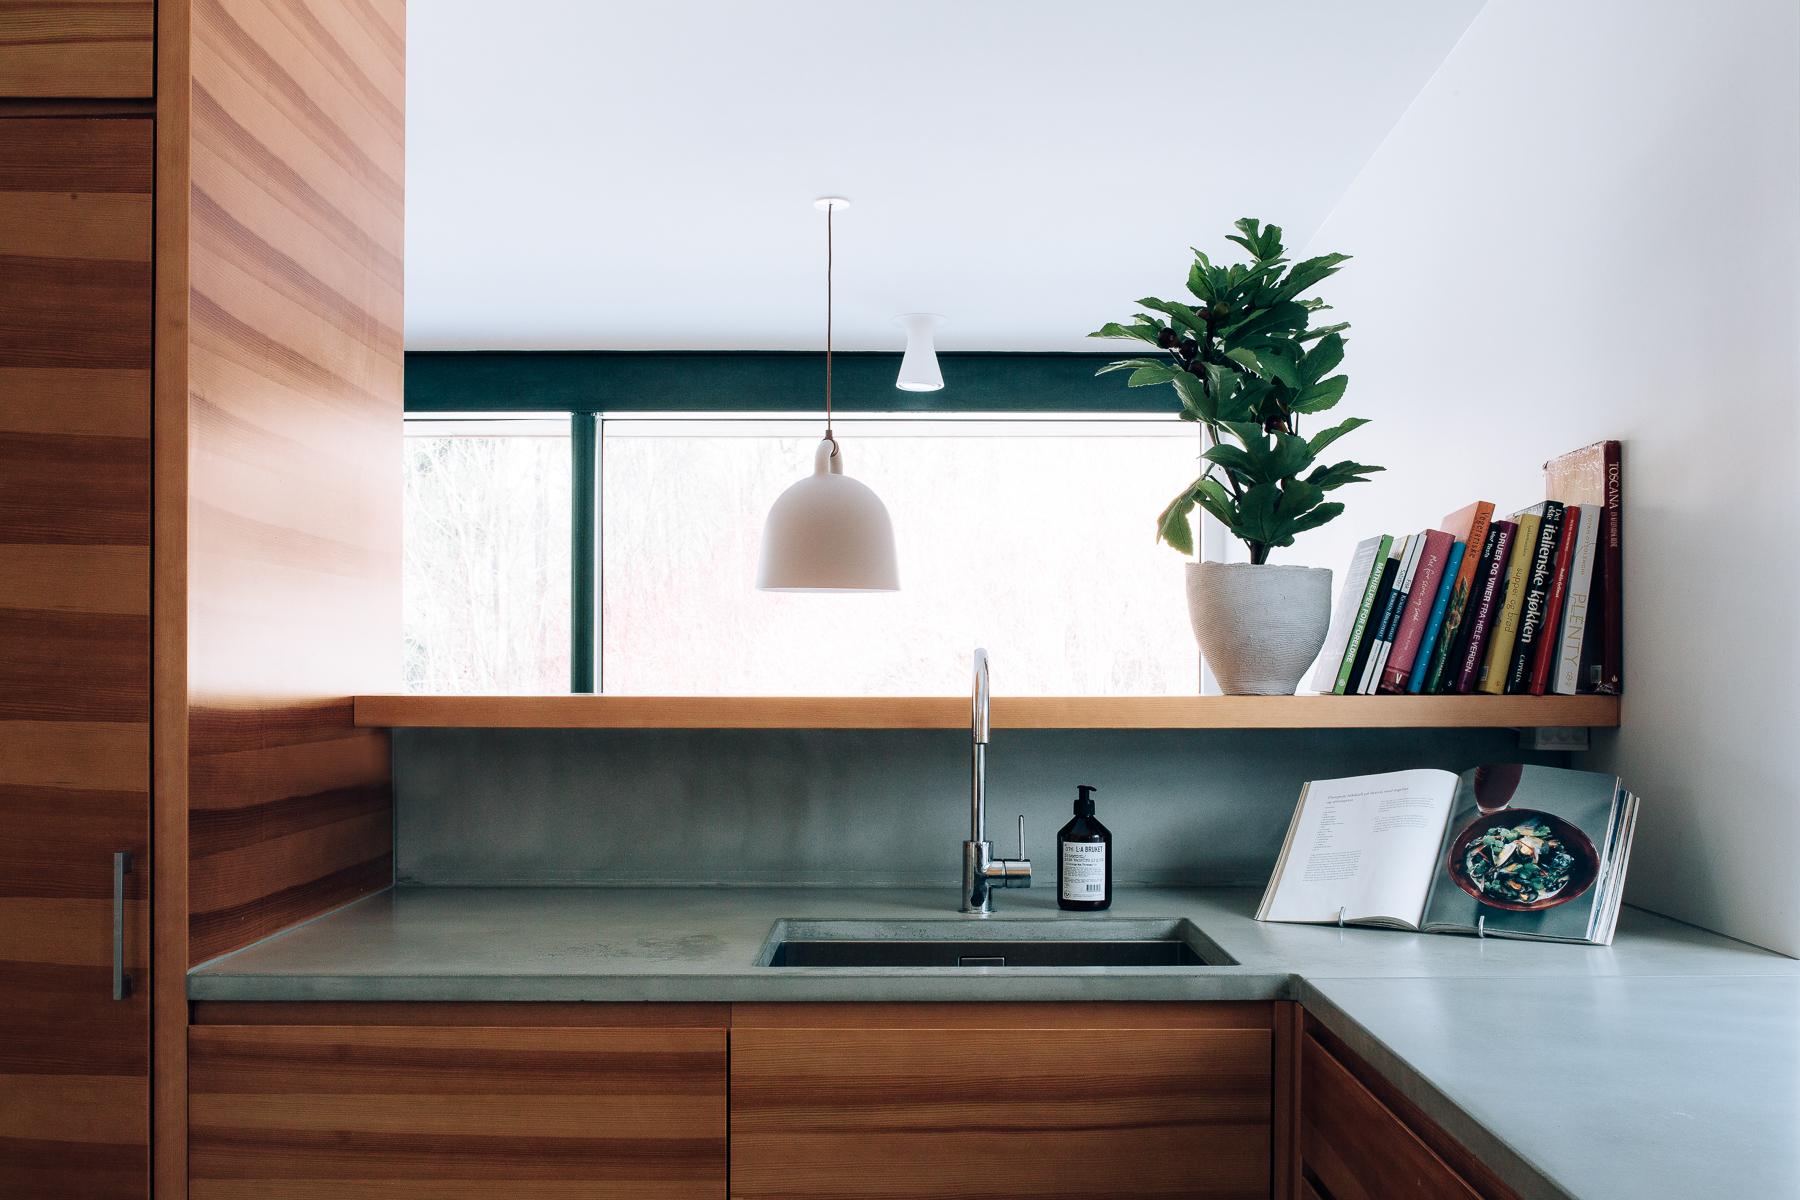 Kompakt kjøkken med   opphøyet disk.  Kjøkkenet er  i pigmentert furu og har et spennende materialuttrykk. Benkeplaten i betong legger en siste touch på prosjektet.